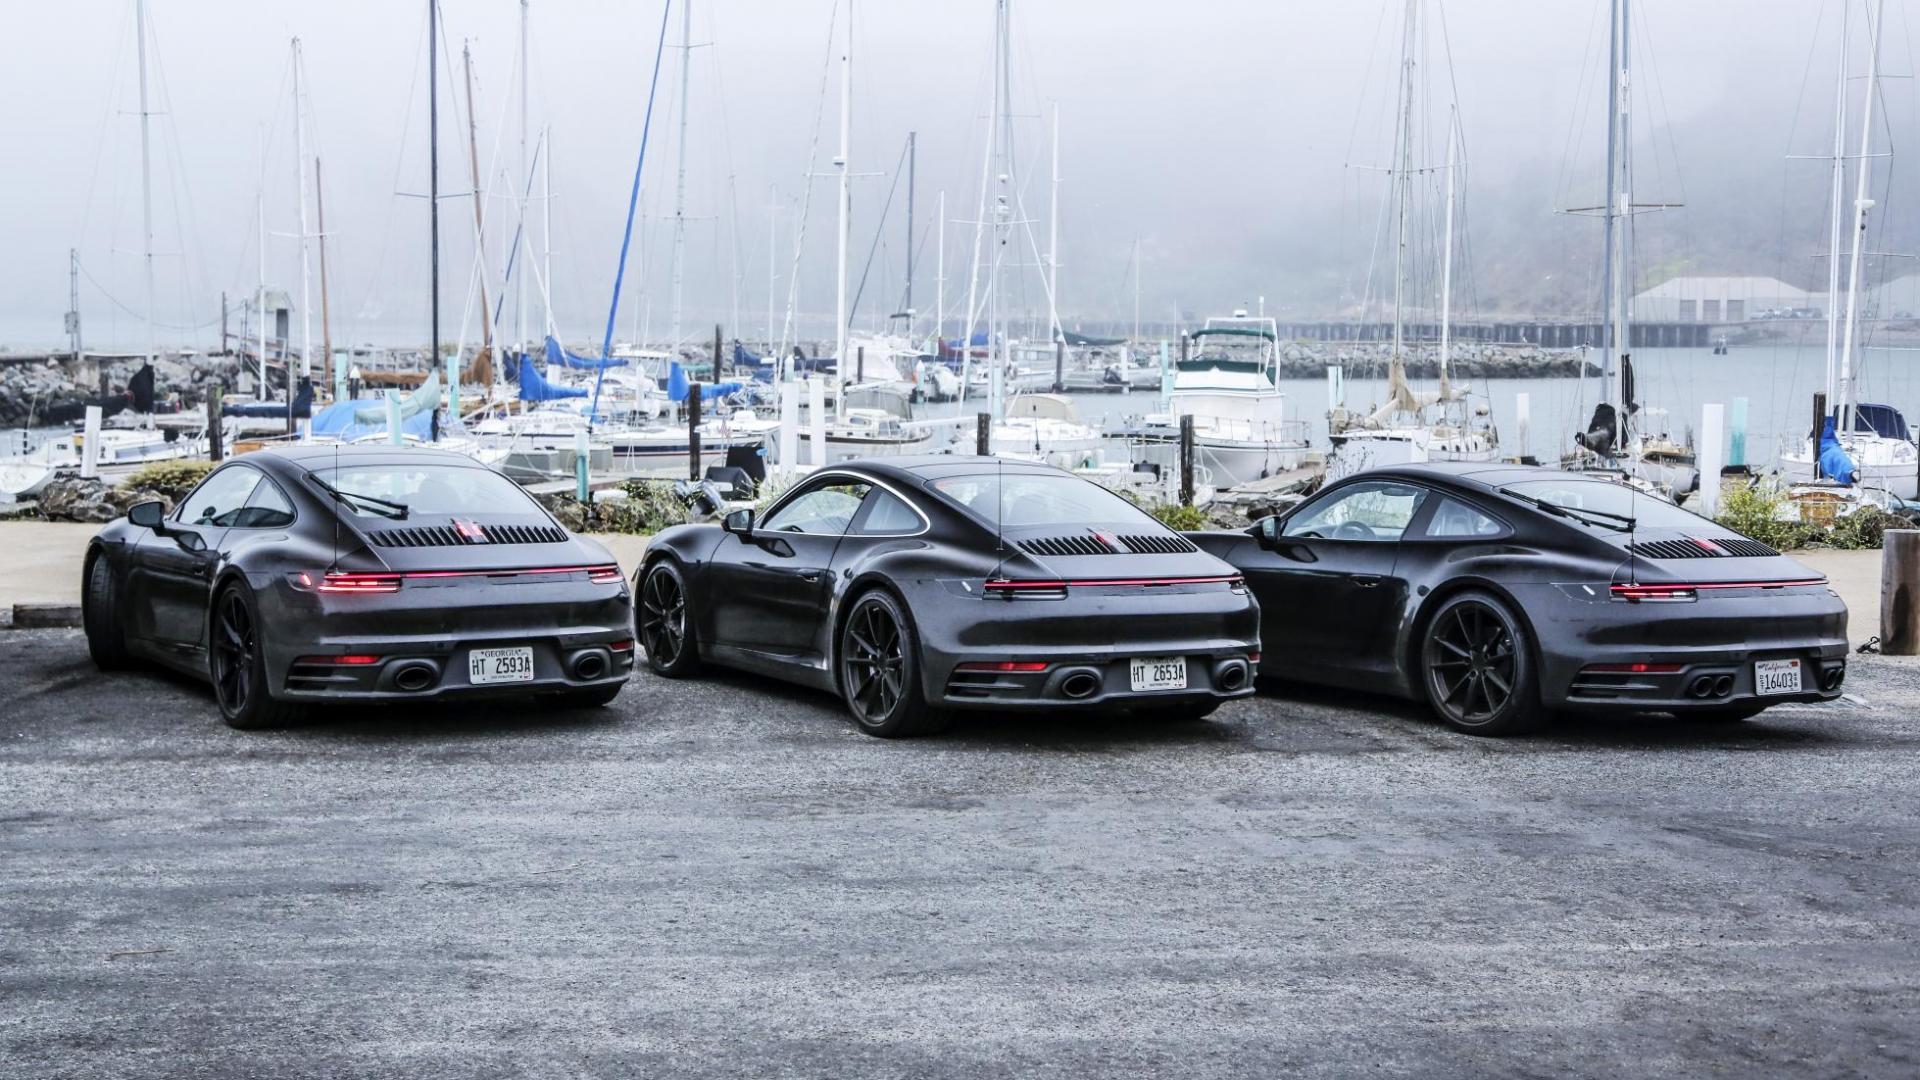 Porsche 911 hybride in de toekomst